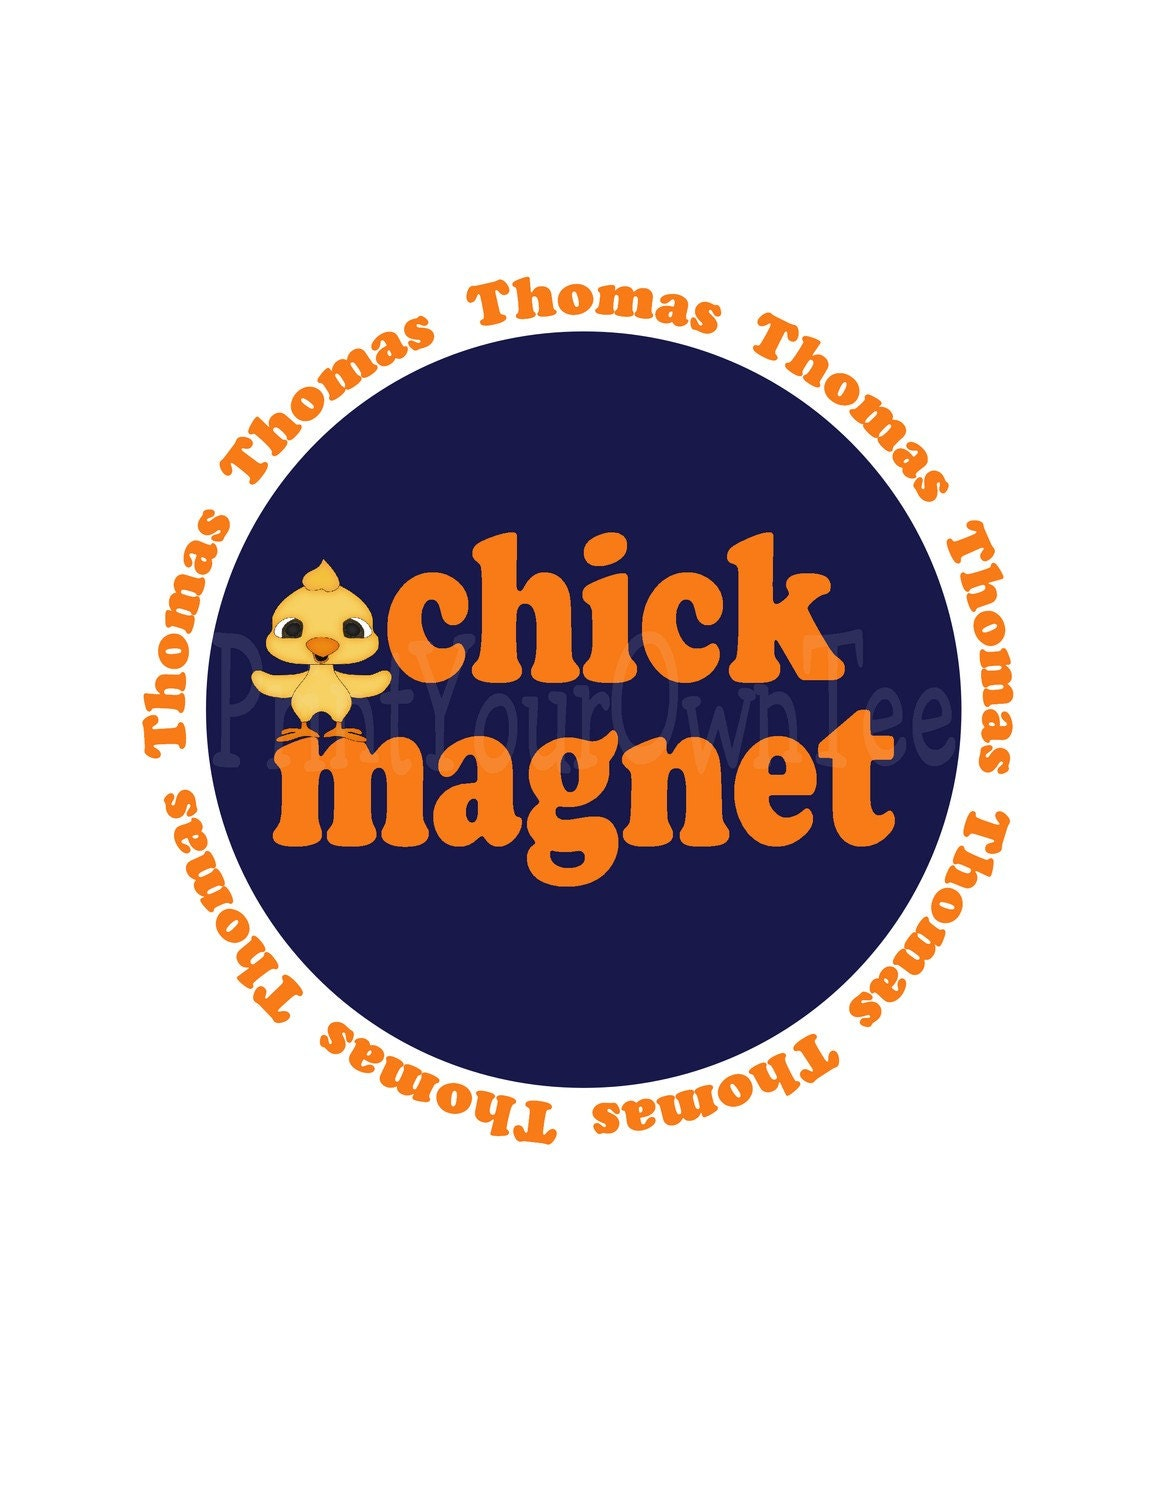 Chick Magnet Custom Design